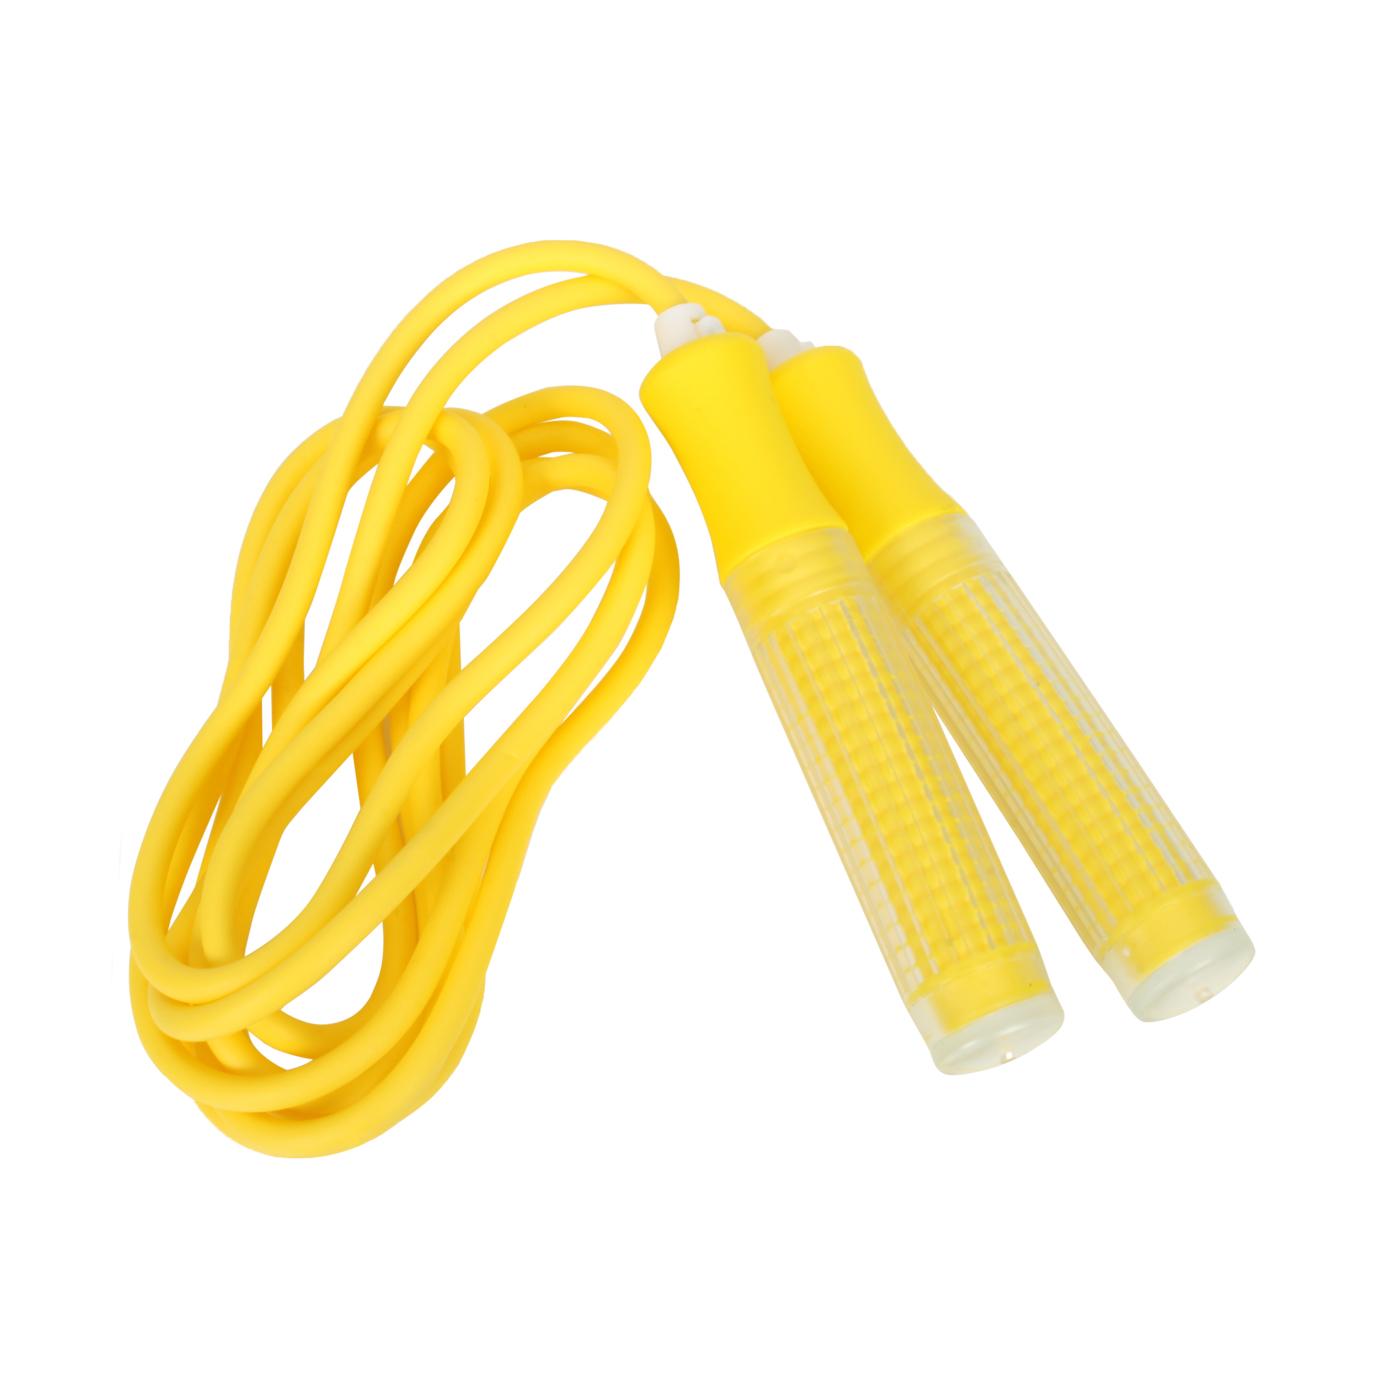 ALEX 粉彩可調式跳繩(黃) B-4802 - 黃